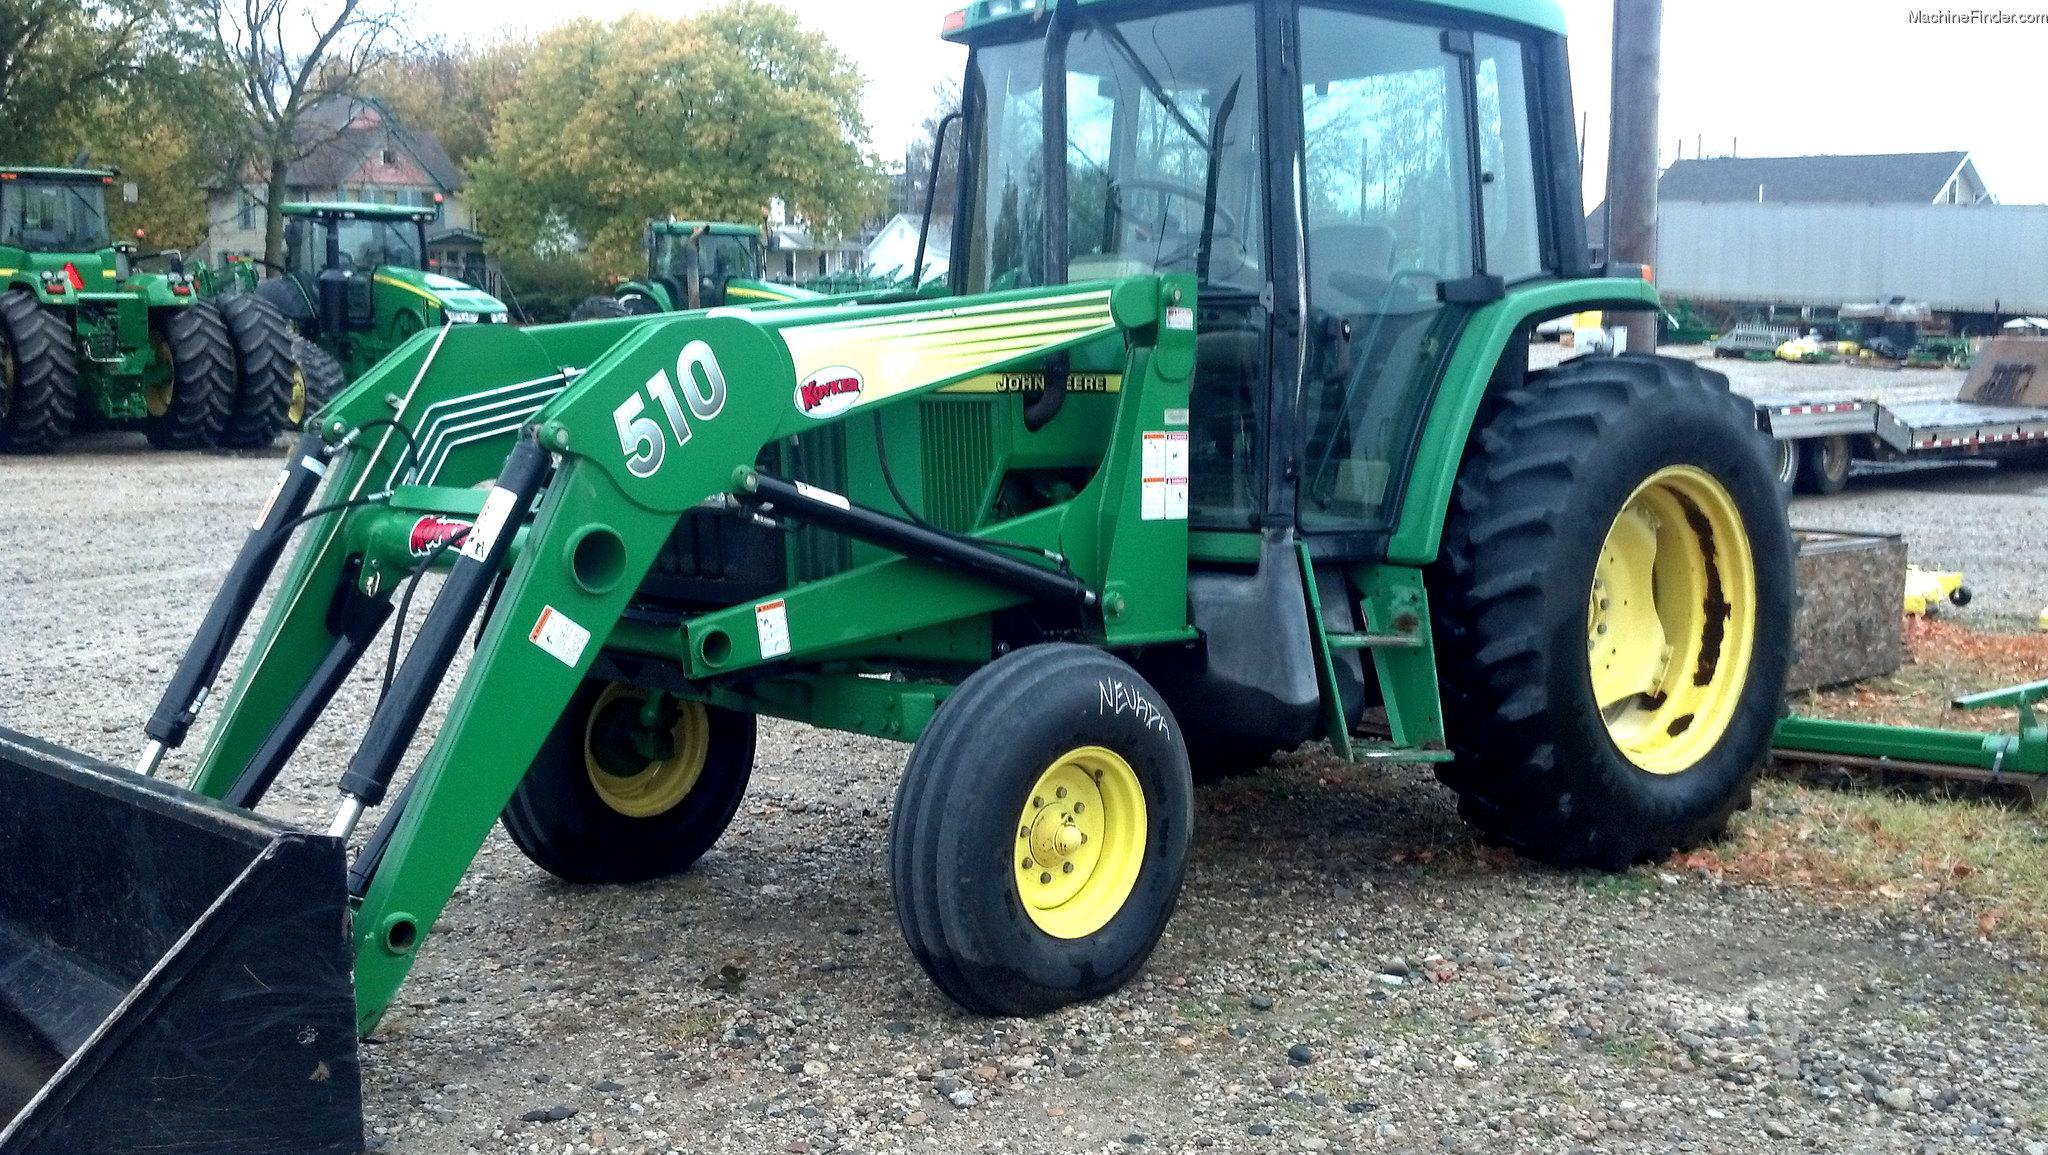 John Deere 6410 Tractors - Utility (40-100hp) - John Deere ...